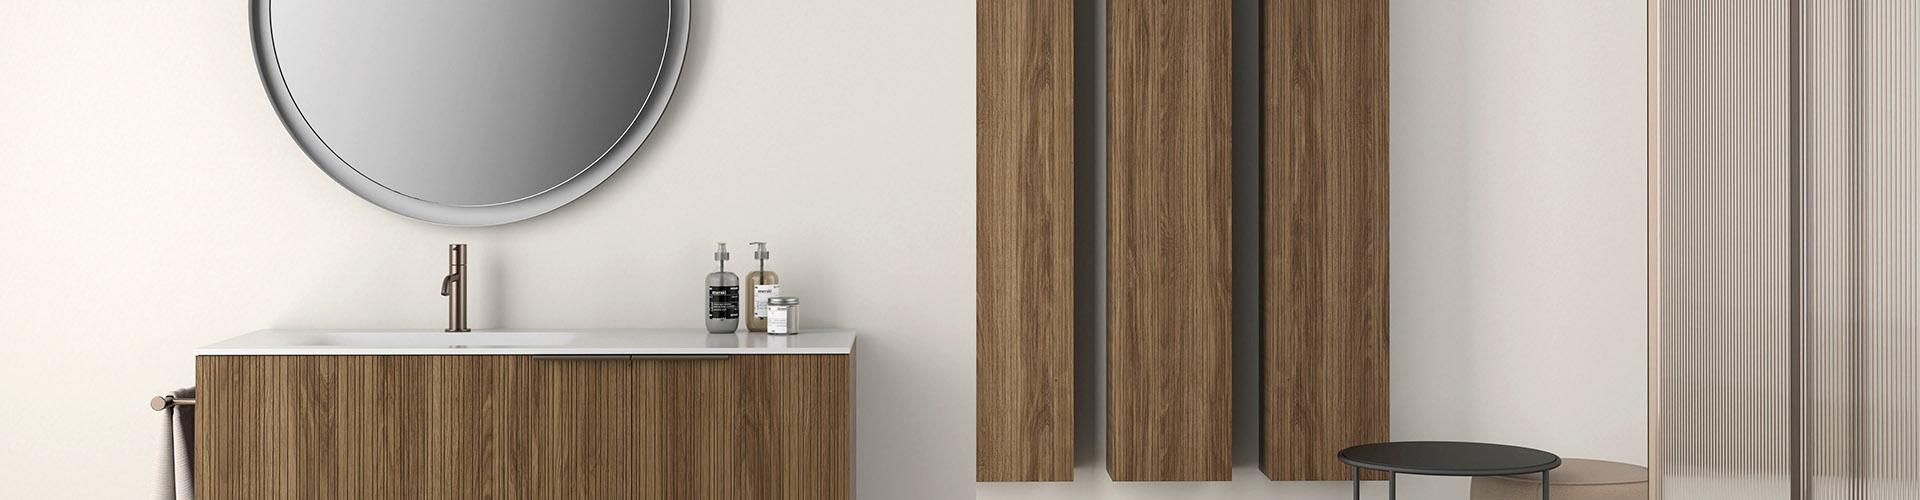 mobili arredo bagno stocco   carboni casa - Arredo Bagno Stocco